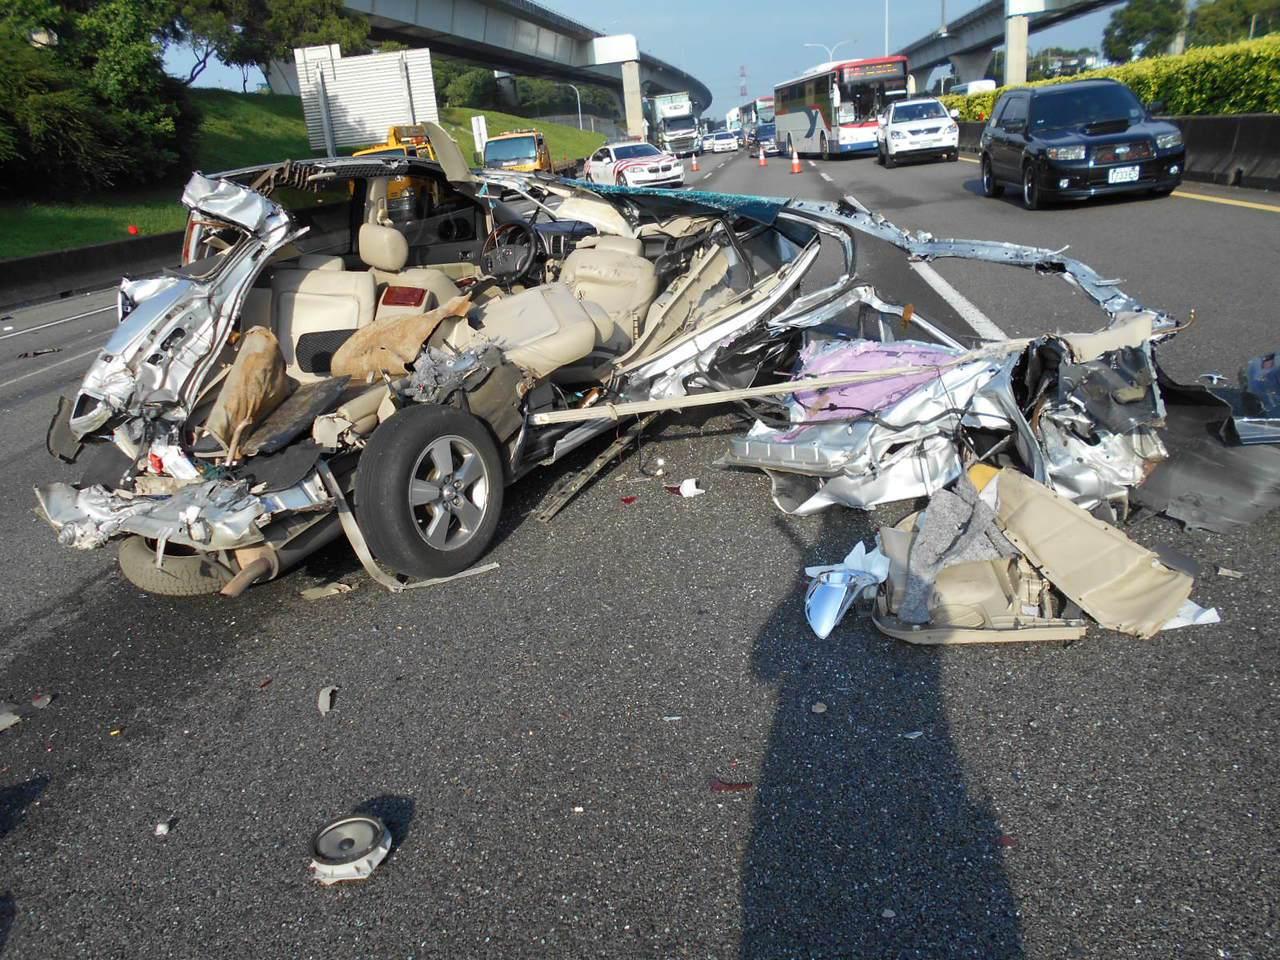 首當其衝挨撞的第1輛小轎車,車頂被整個掀開撞個稀爛。記者林昭彰/翻攝